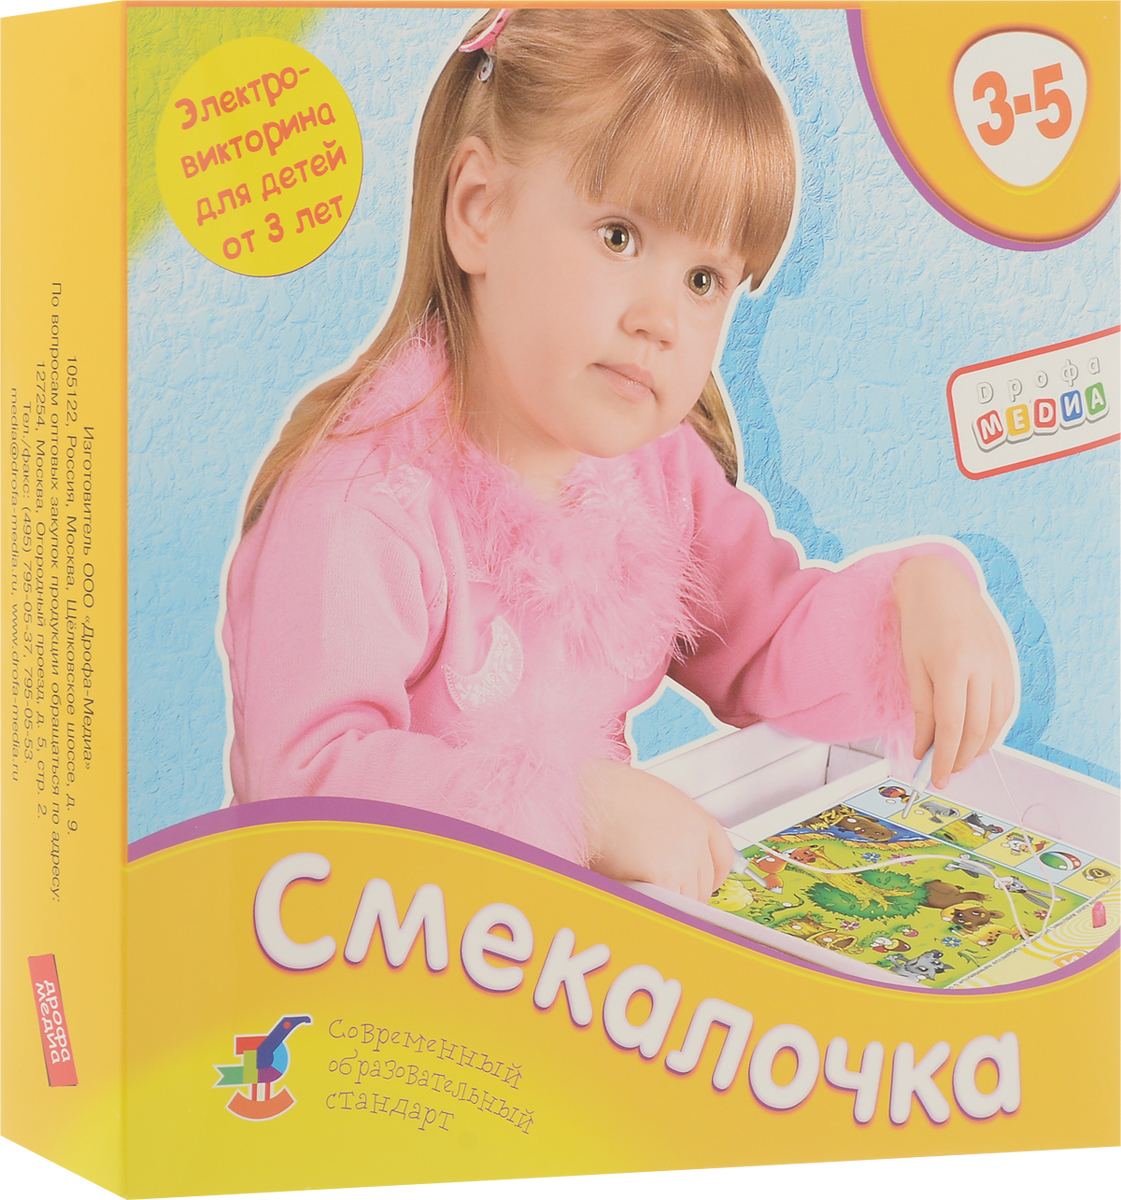 Дрофа-Медиа Электровикторина Смекалочка цвет коробки желтый -